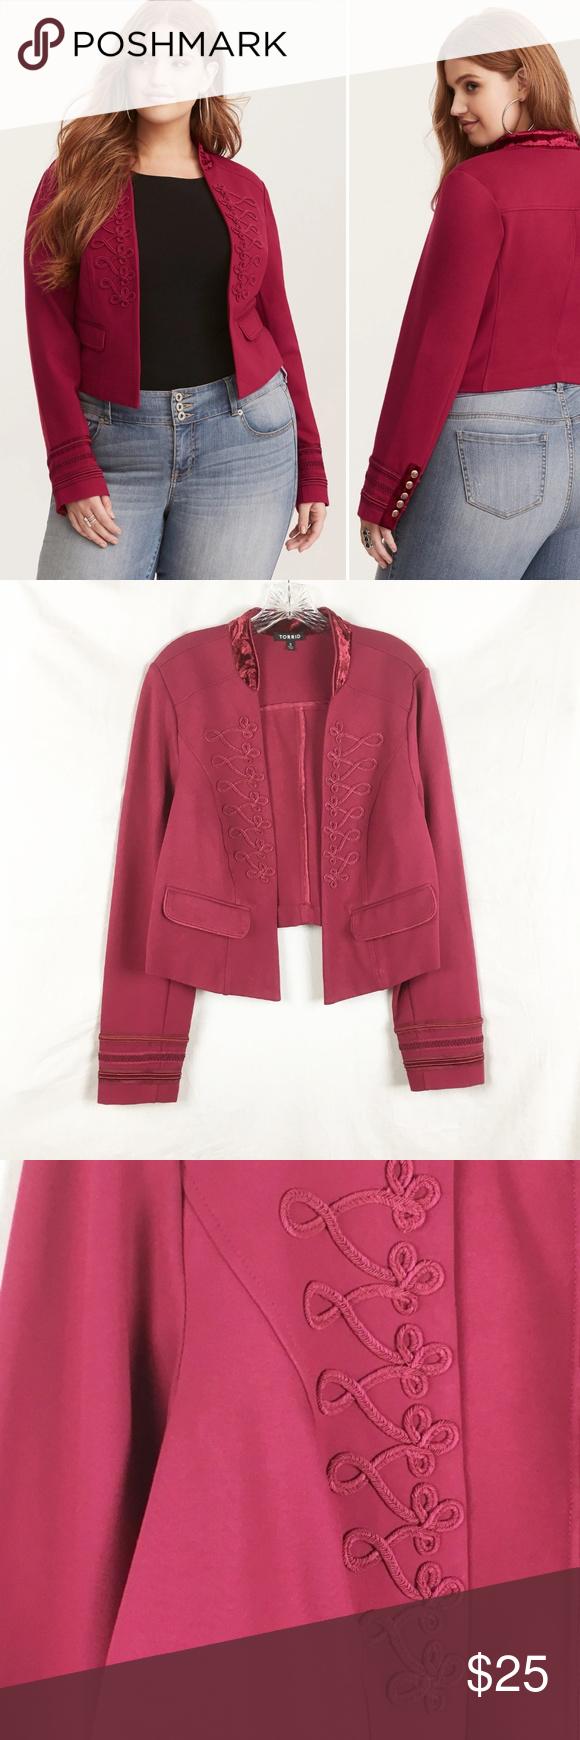 d801a30a09a Torrid Military Style Jacket Velvet Trim Size 2X Torrid burgundy